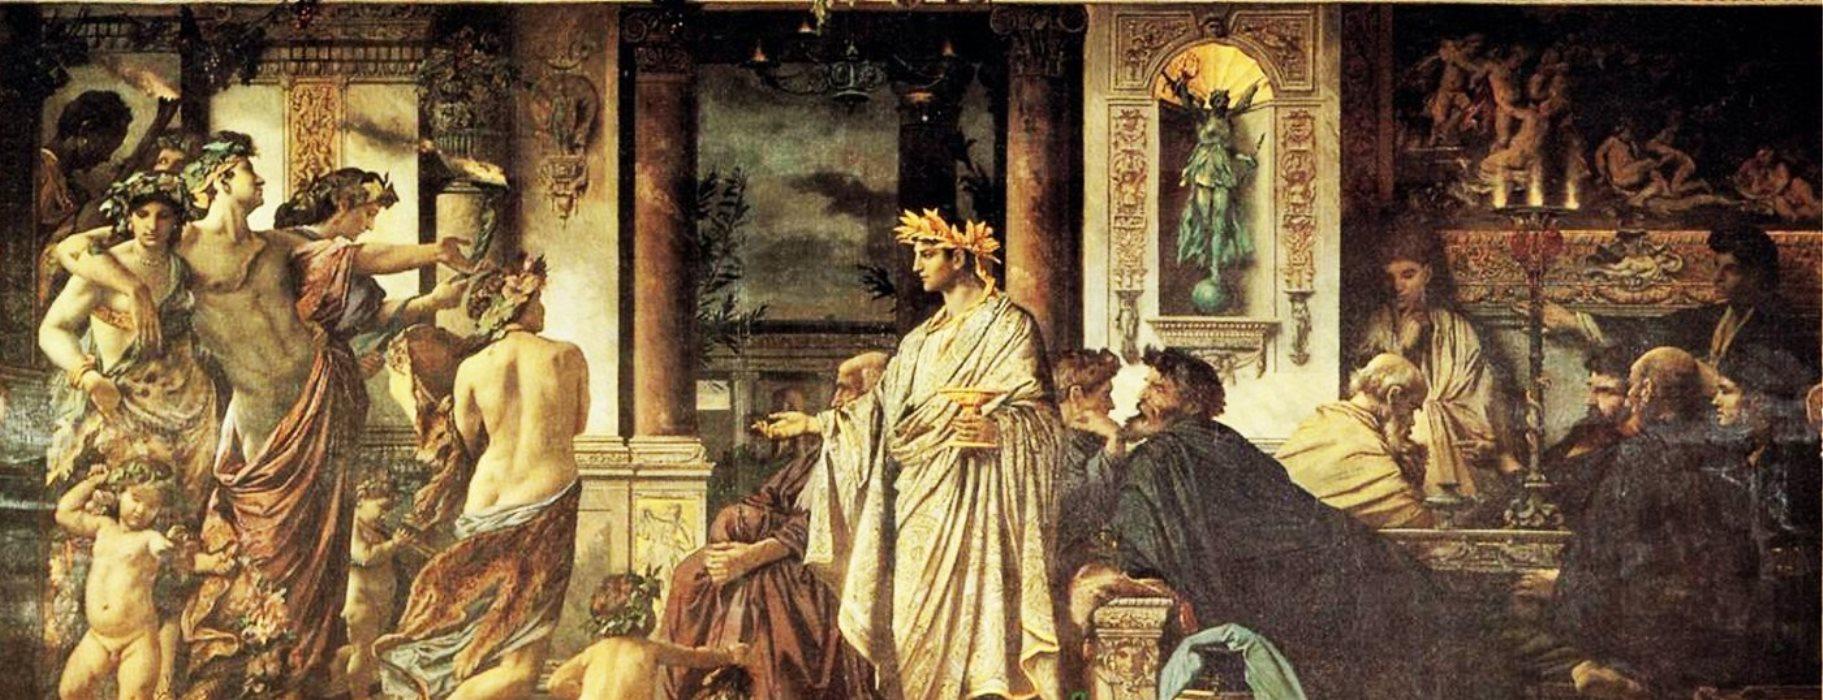 Πως αντιμετώπιζαν τους καρκίνους οι αρχαίοι Έλληνες;